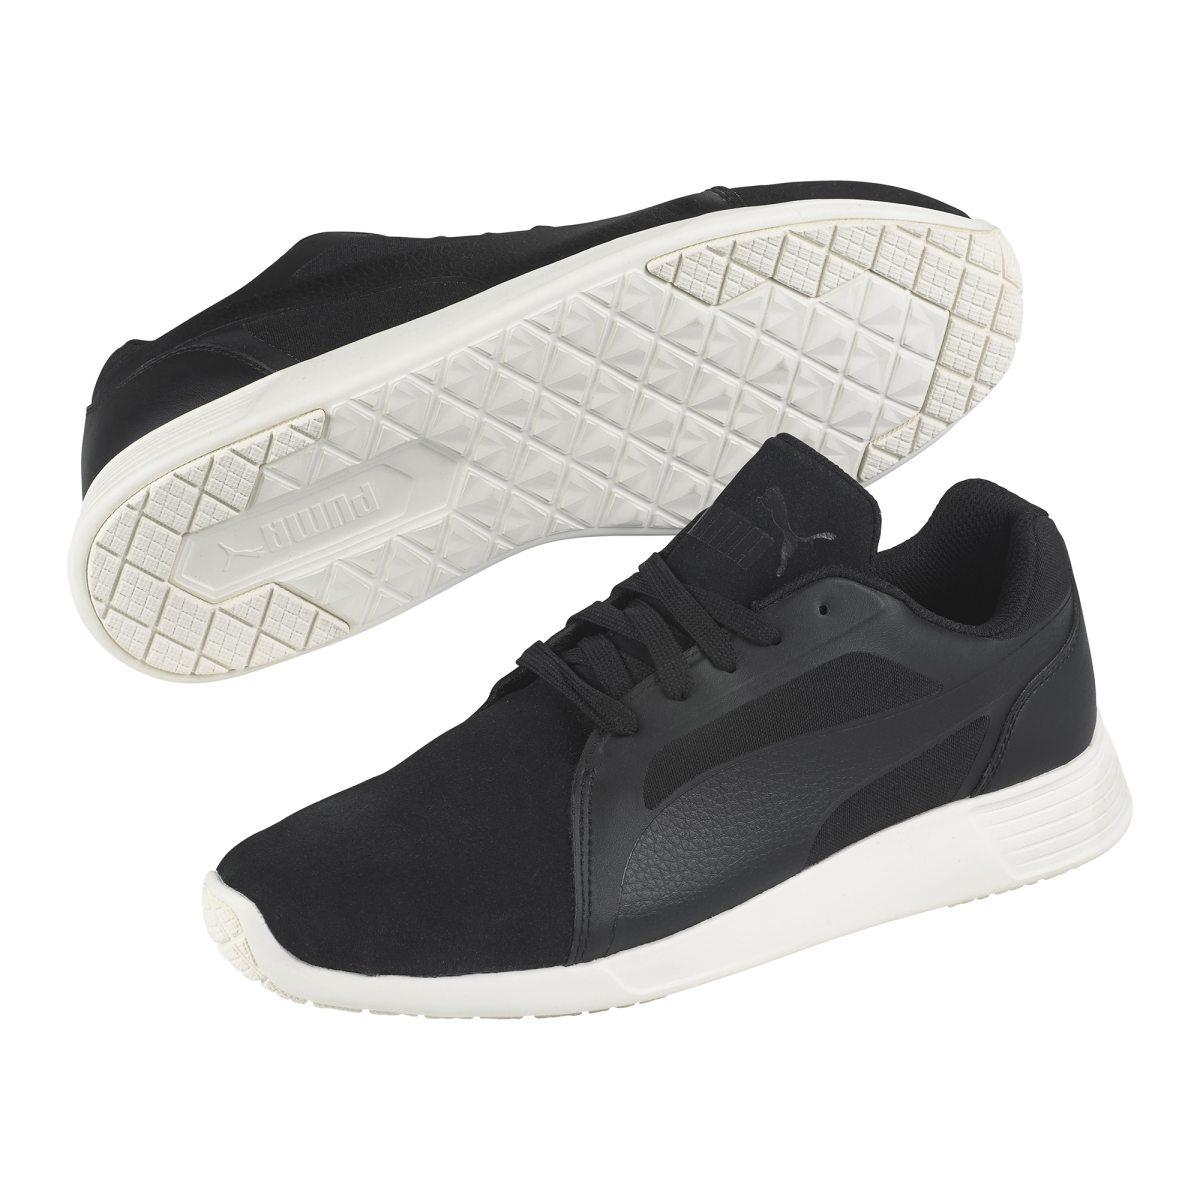 Puma Sneakers Herr